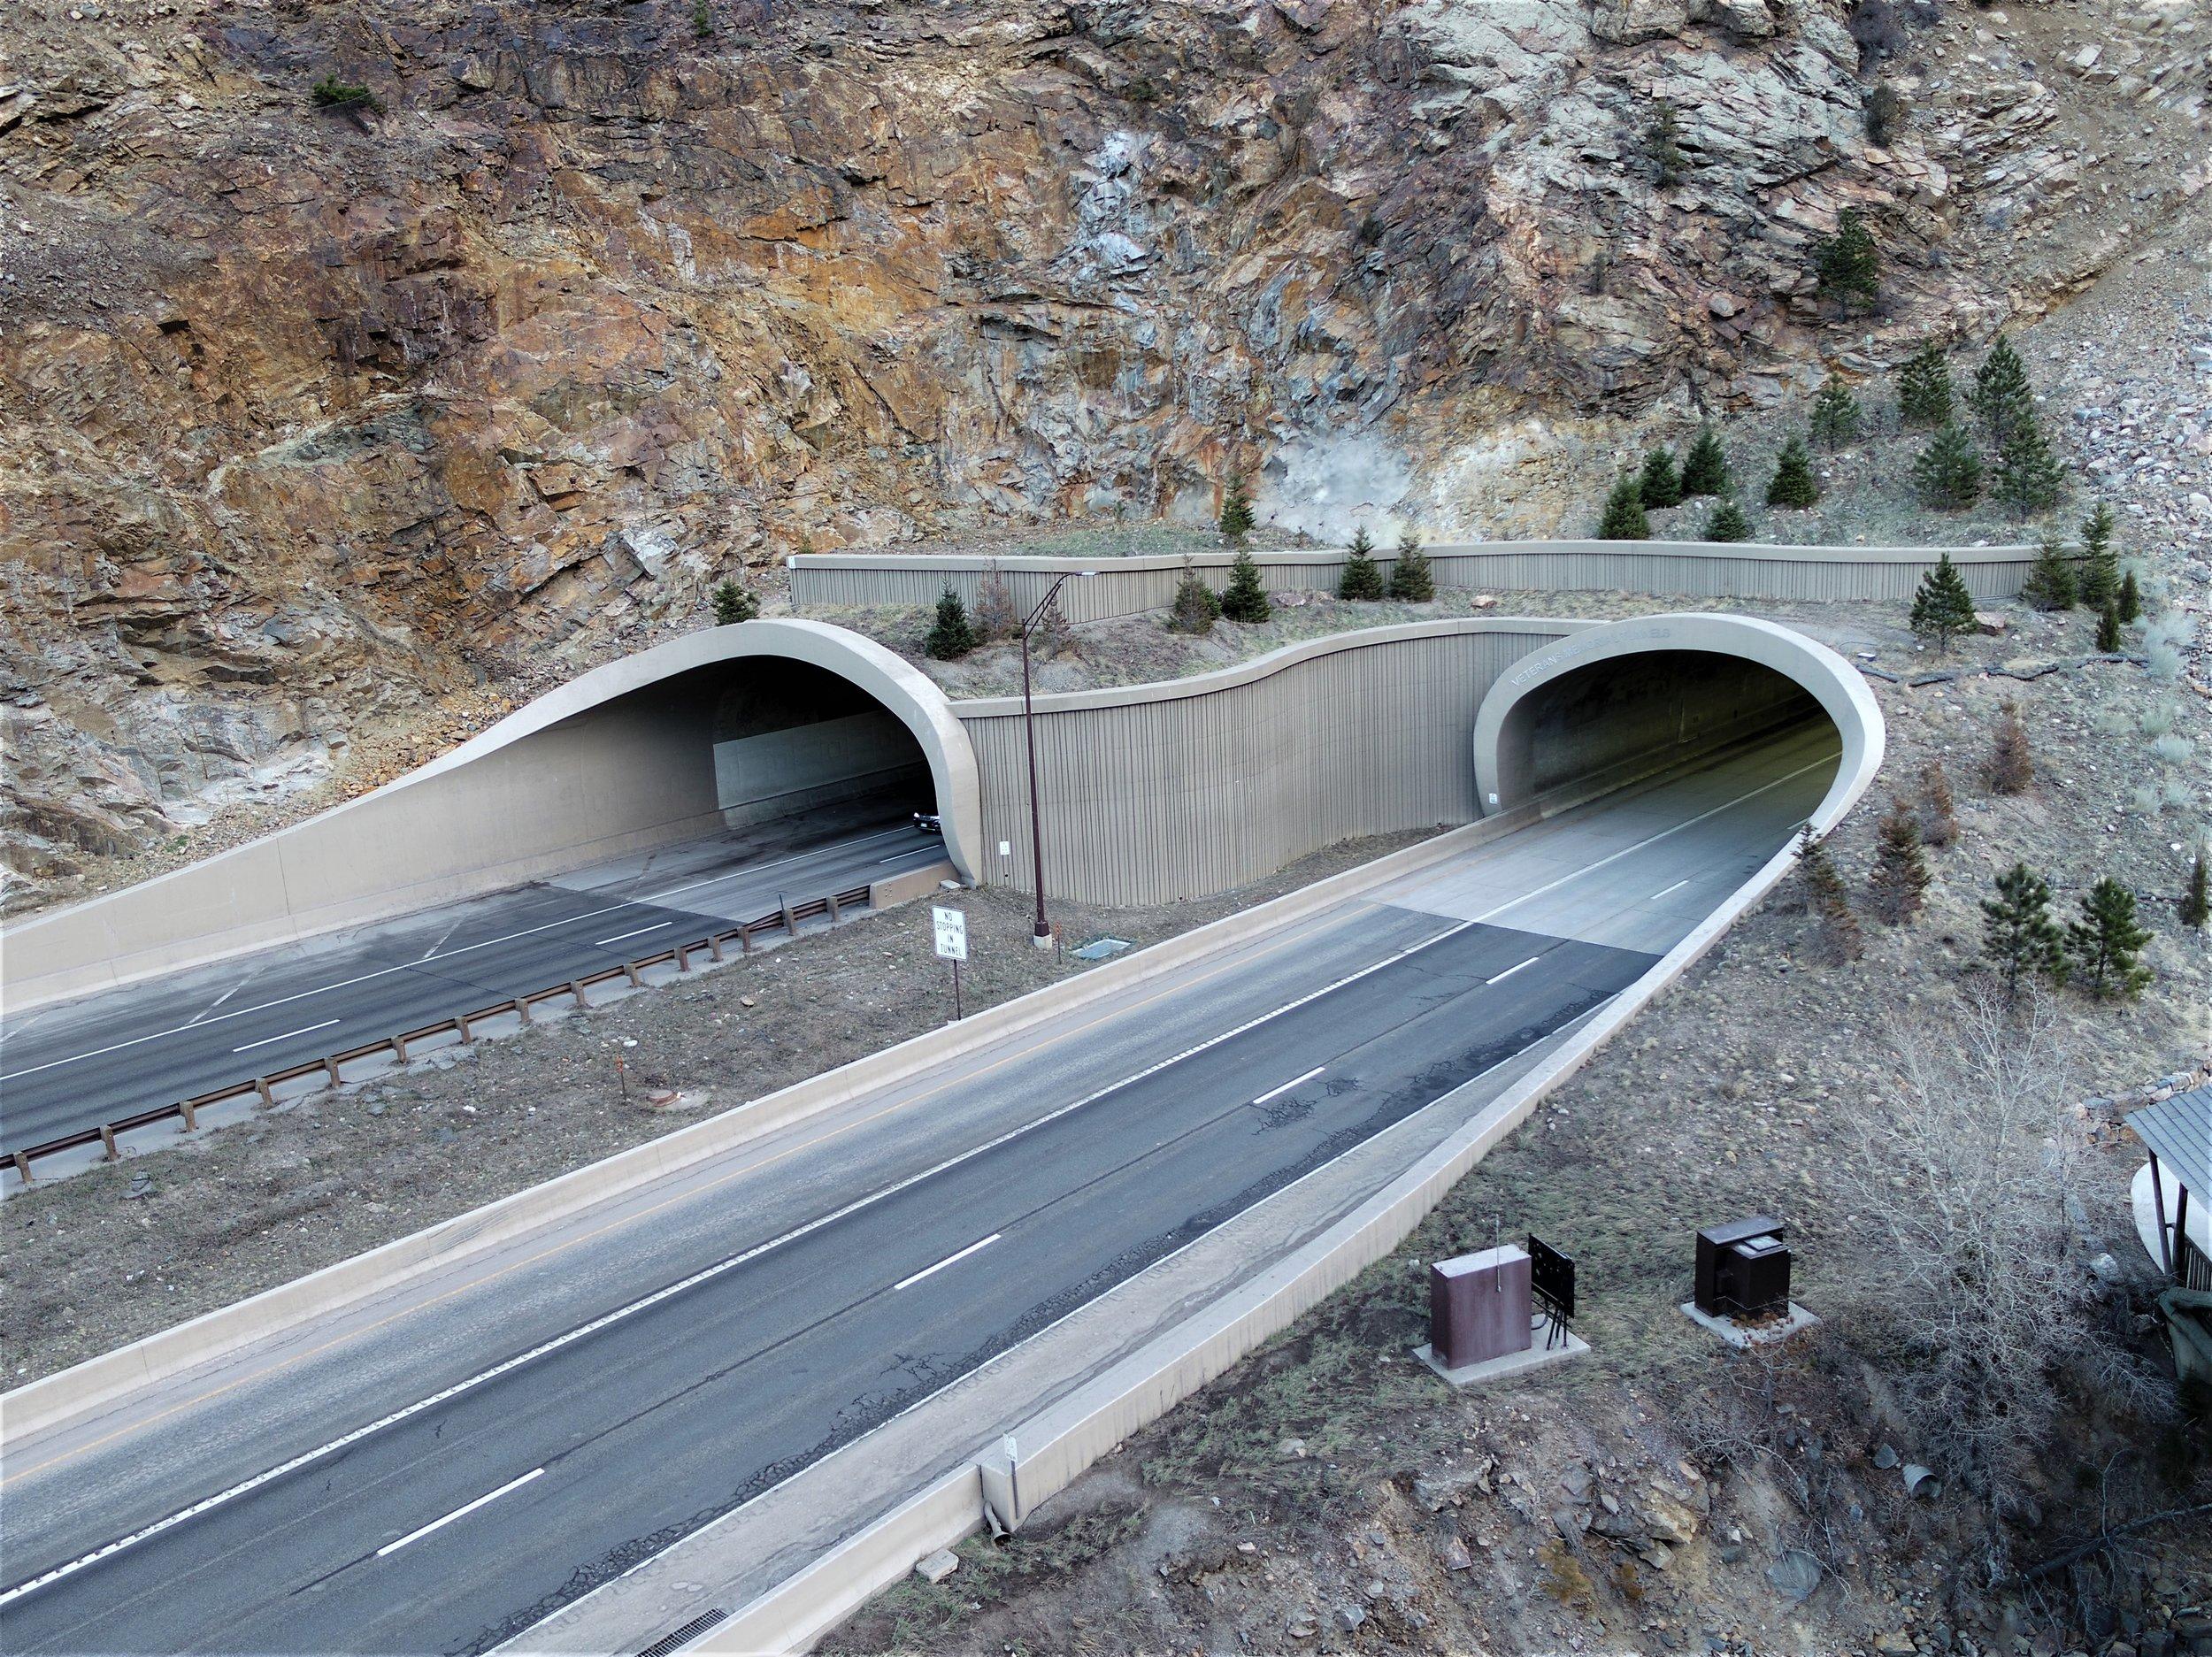 Veterans Memorial Tunnels